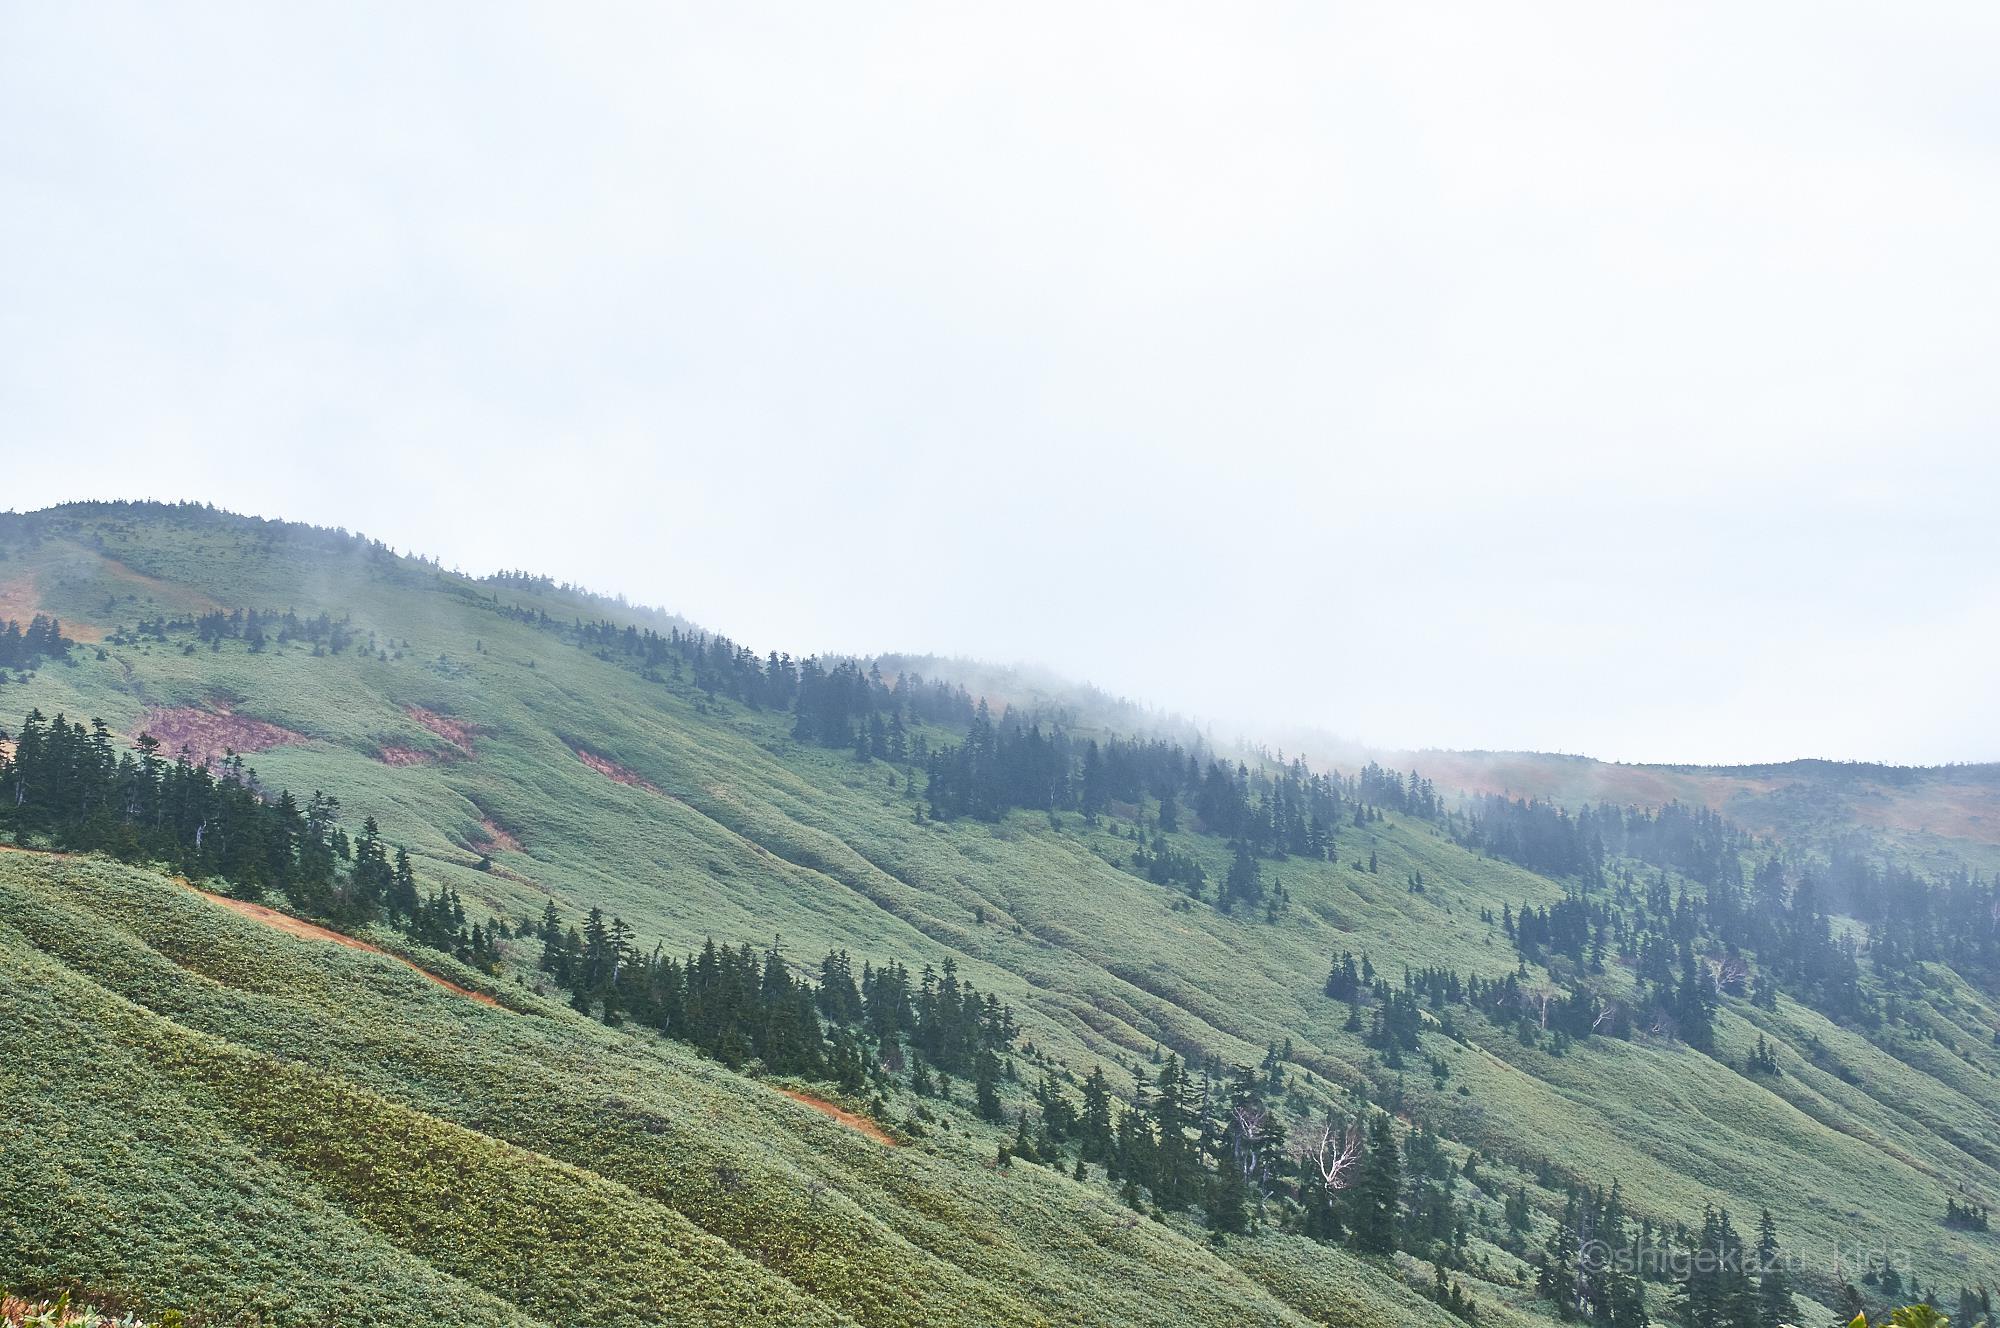 会津駒ヶ岳の登山道から見る笹原の稜線